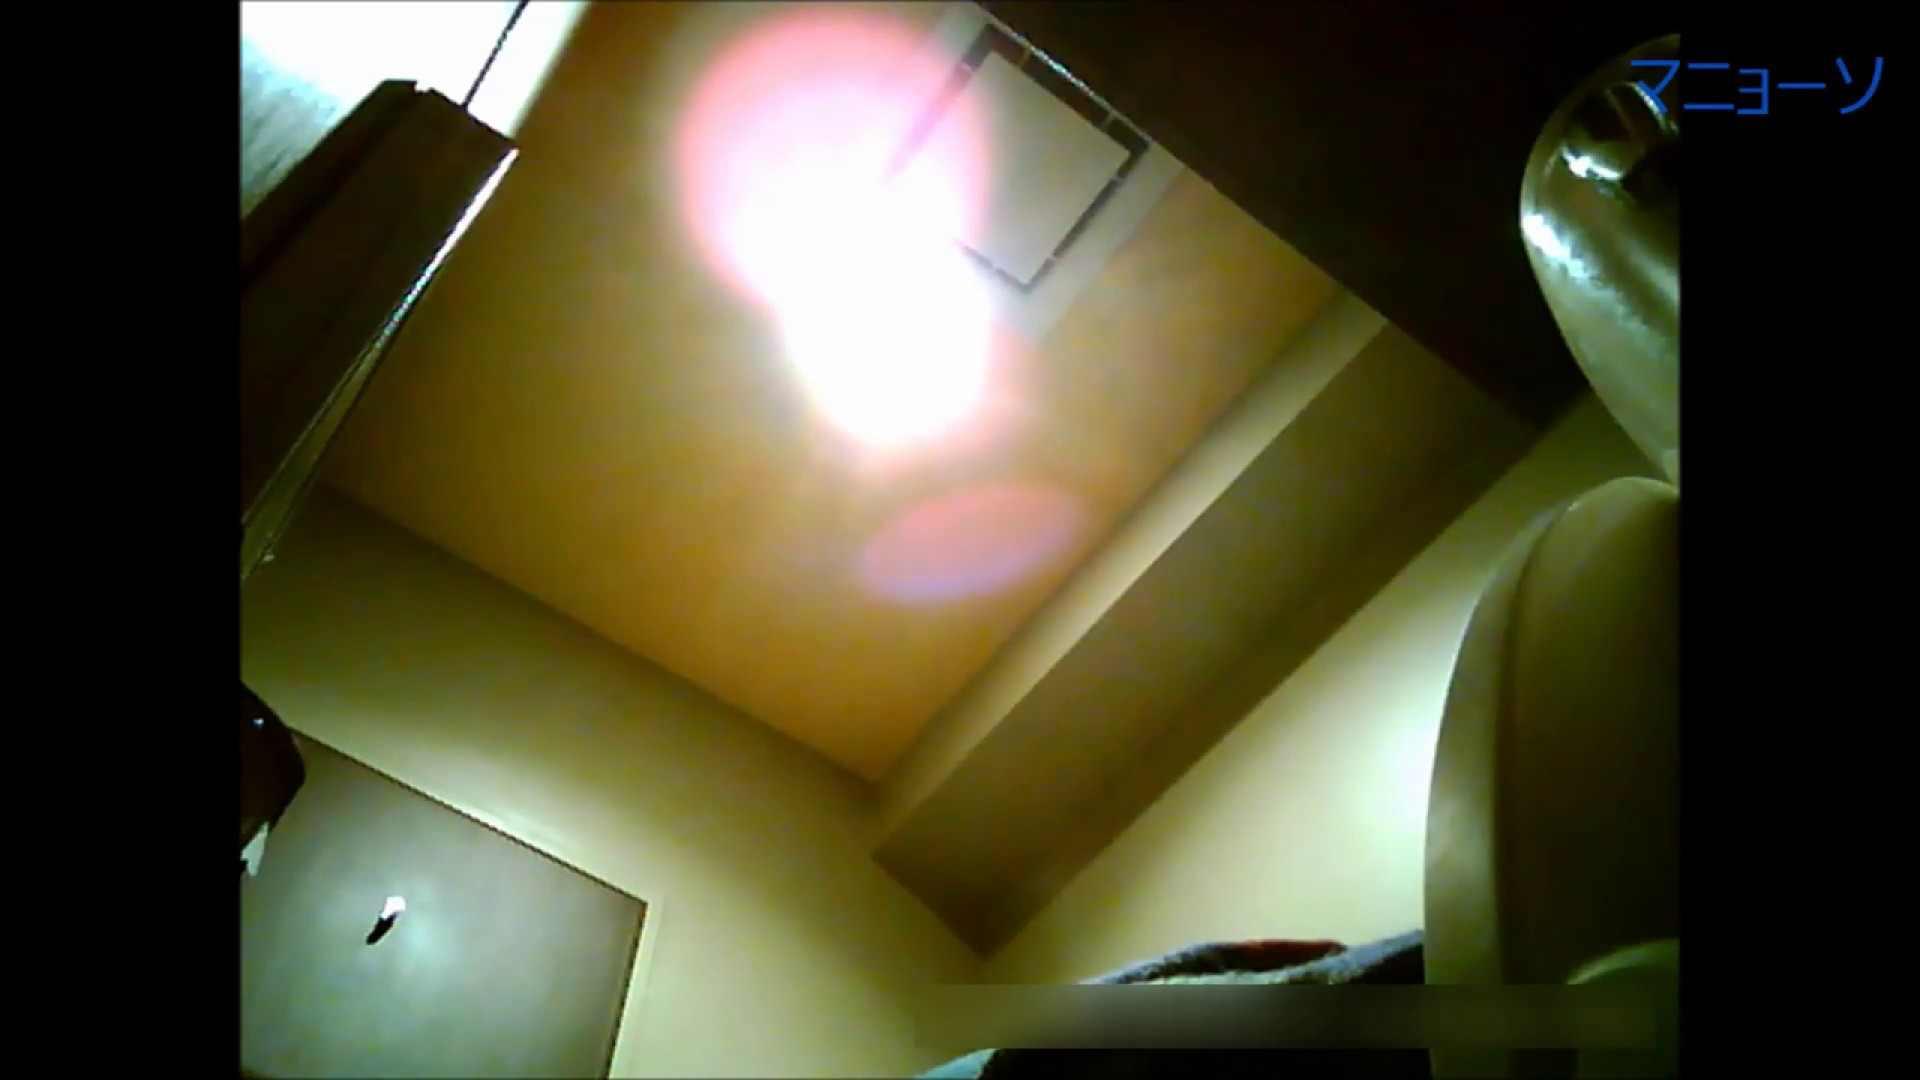 トイレでひと肌脱いでもらいました (JD編)Vol.02 トイレ | OLの実態  80pic 31